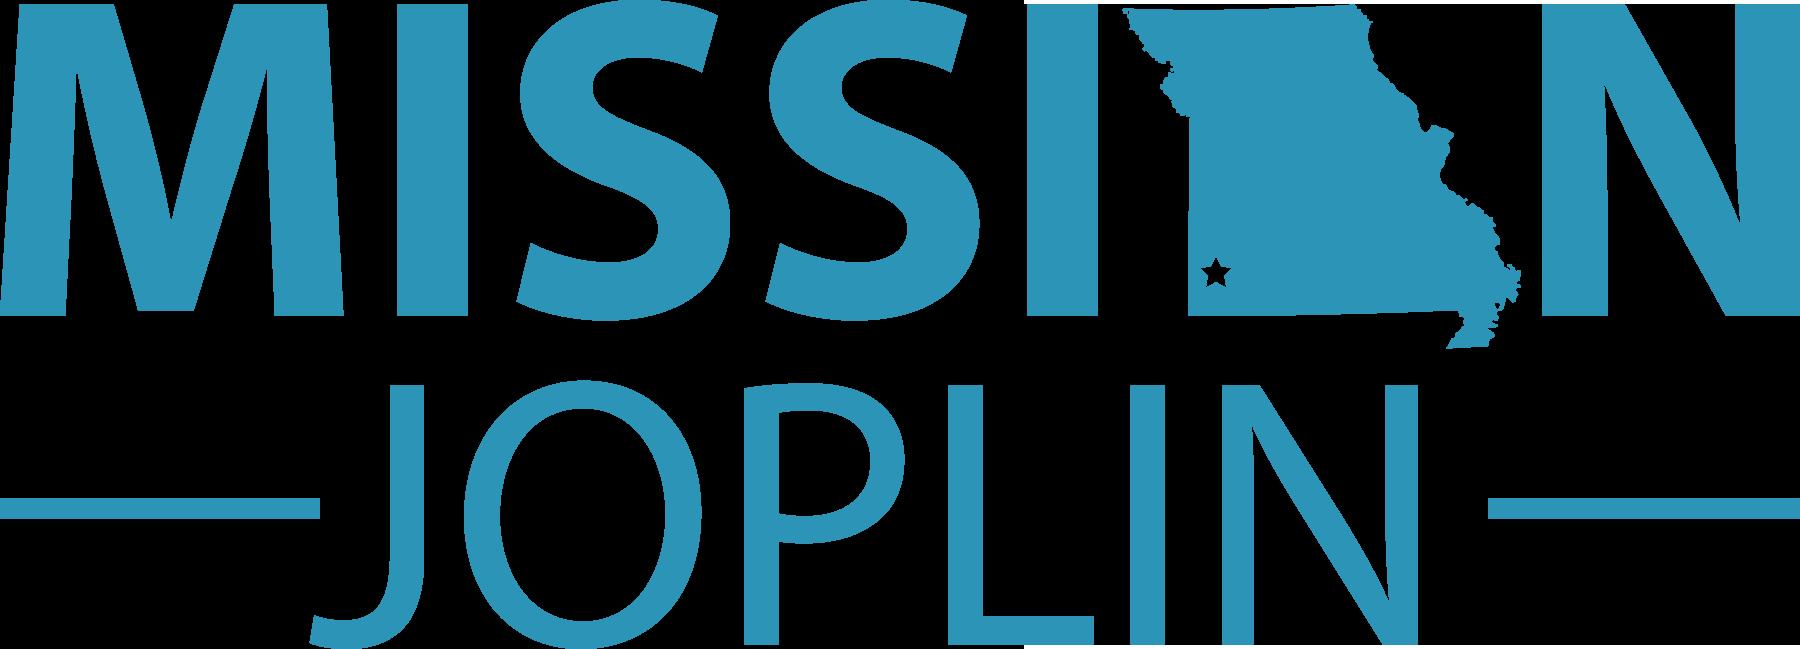 FP - Mission Joplin Blue RGB.png